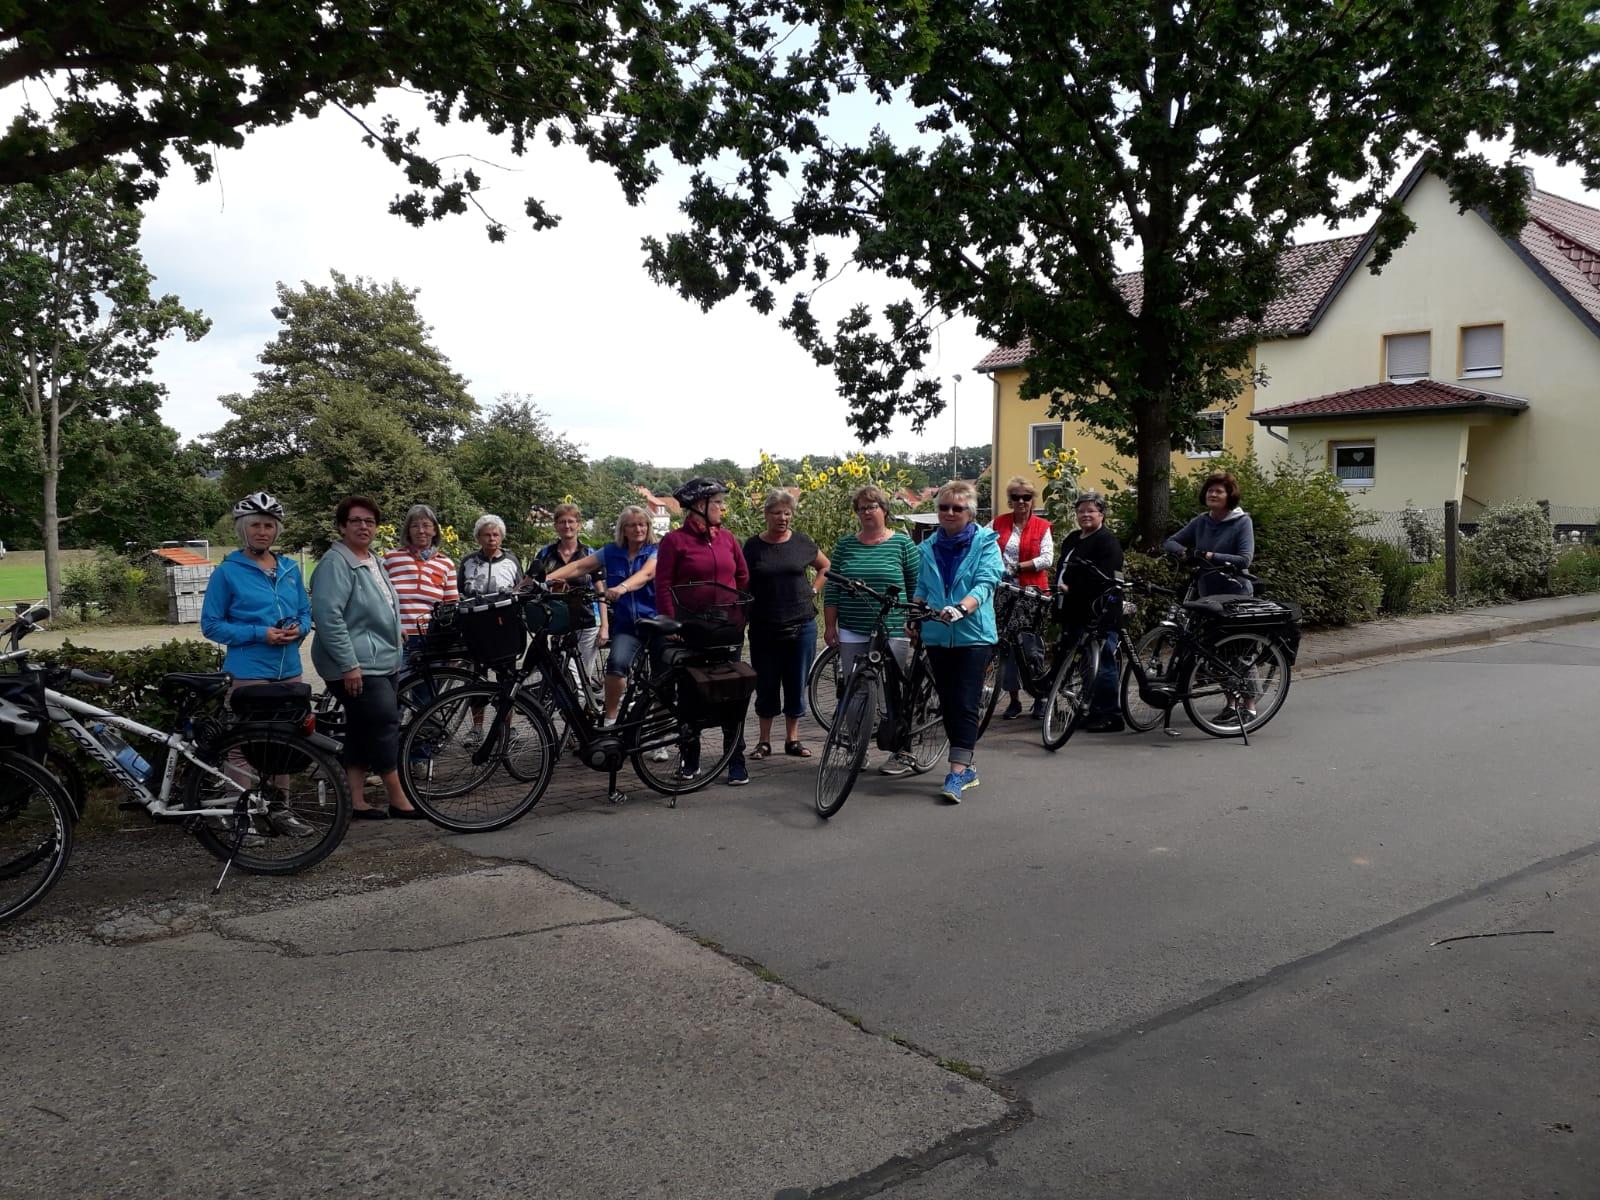 Fahrradtour 2019 des Katholischen Frauenbundes Bilshausen. Foto: Jürgen Beck